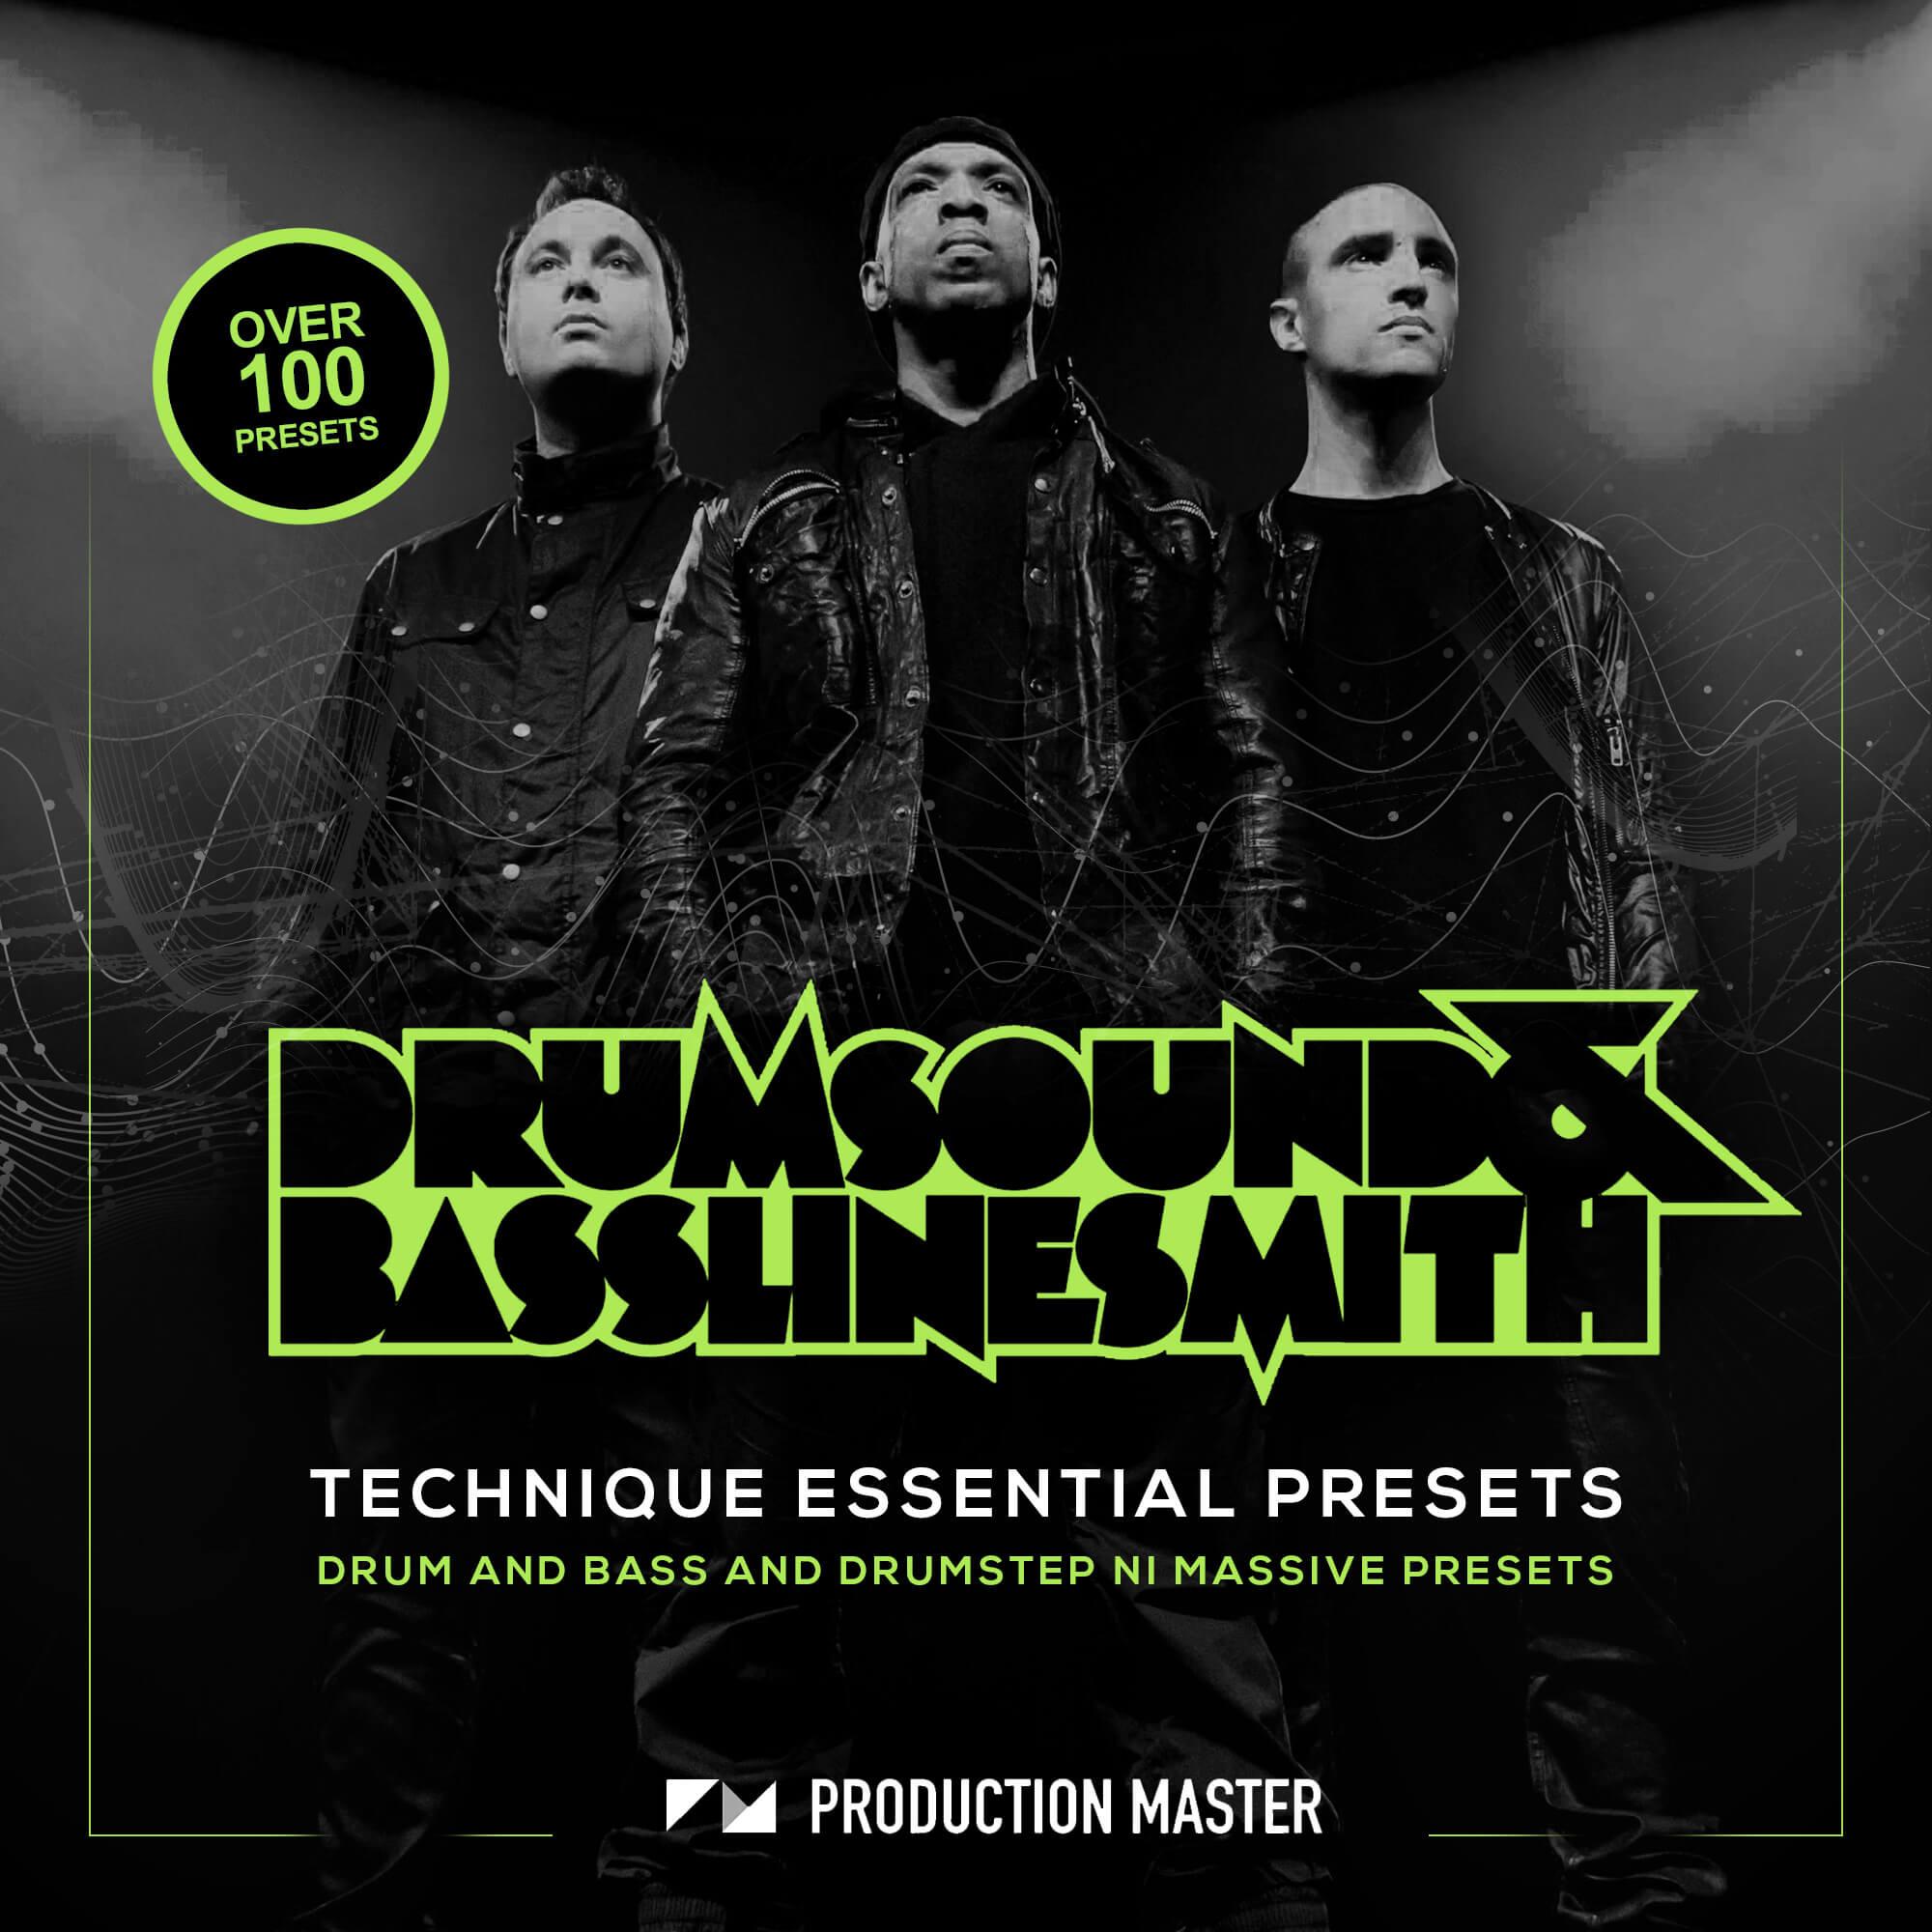 Drumsound and Bassline Smith Technique Essential Presets